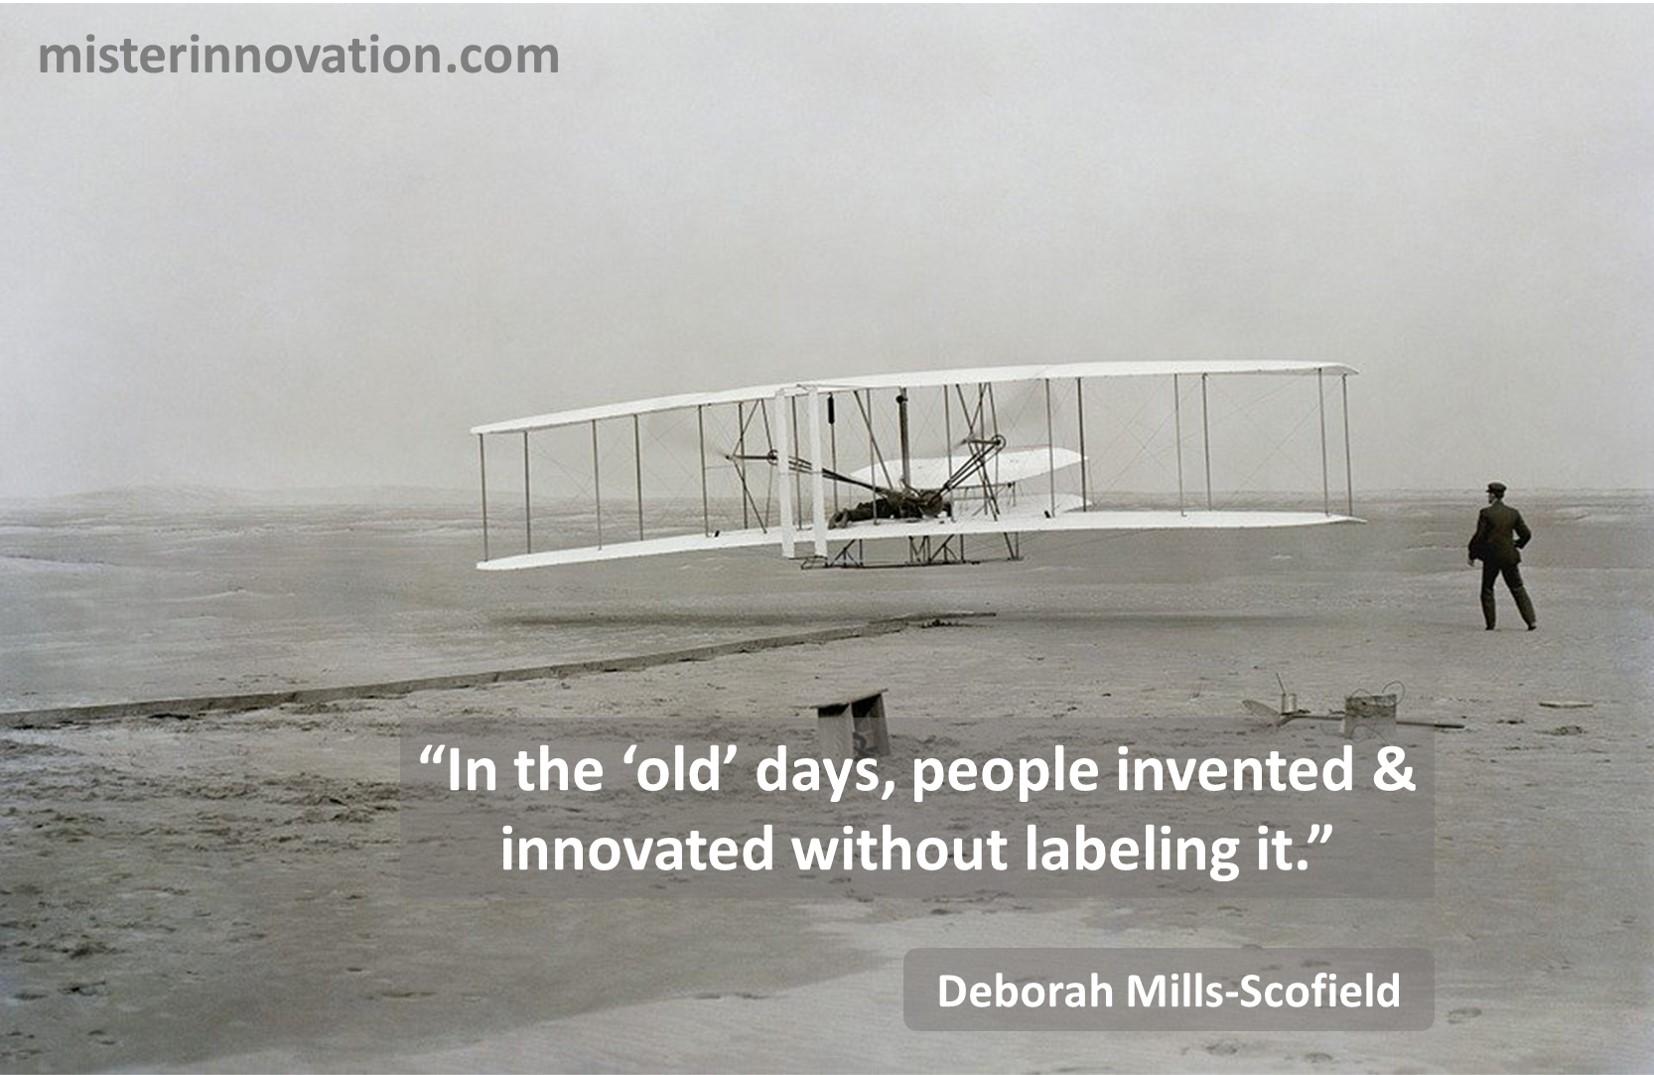 Deborah Mills Scofield Innovation Invention